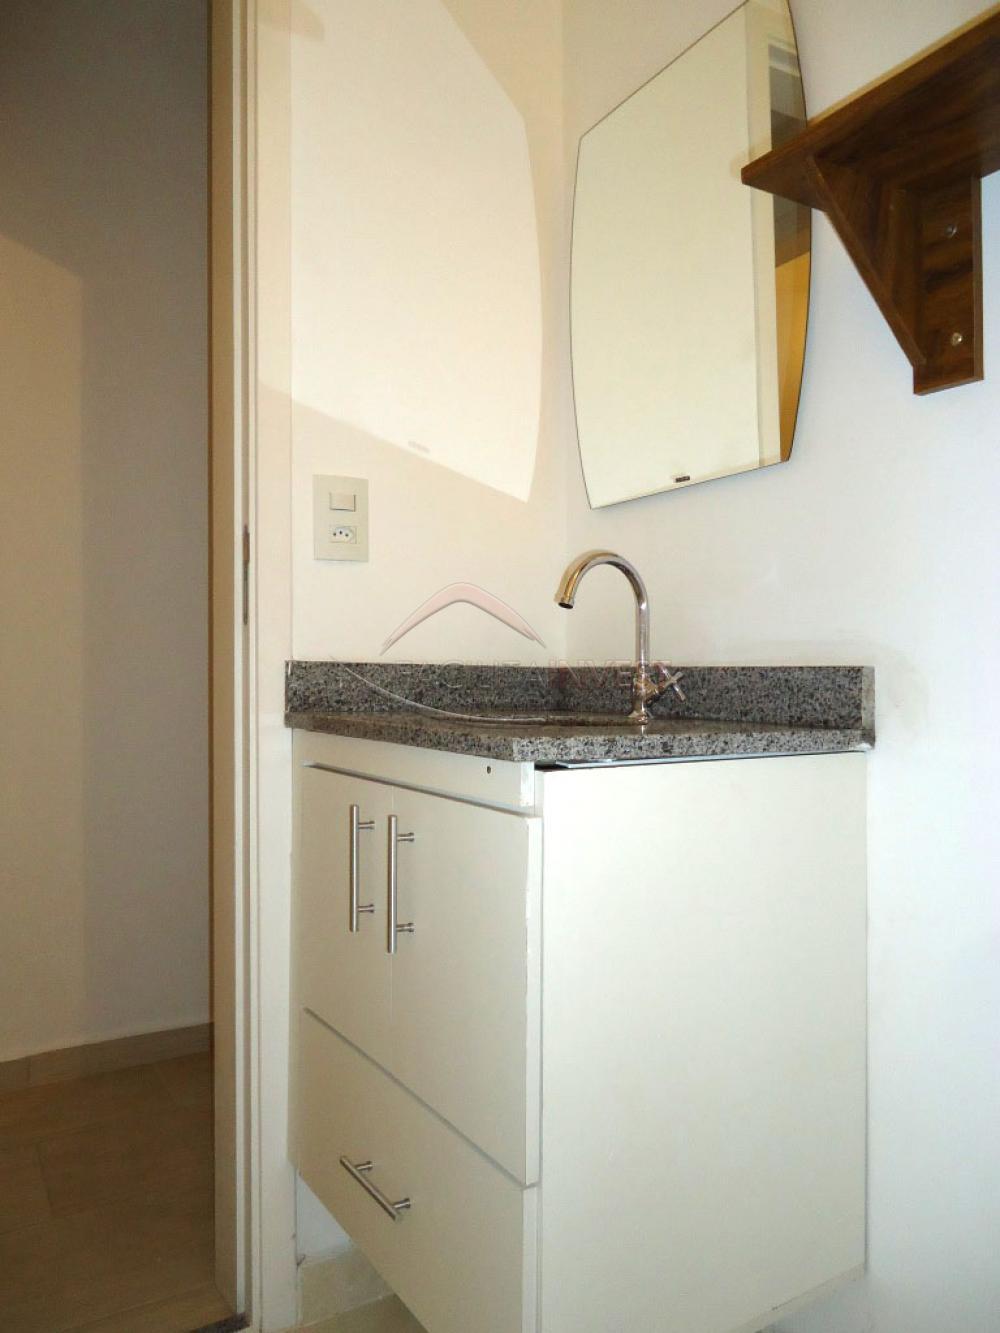 Comprar Apartamentos / Apart. Padrão em Ribeirão Preto apenas R$ 270.000,00 - Foto 9